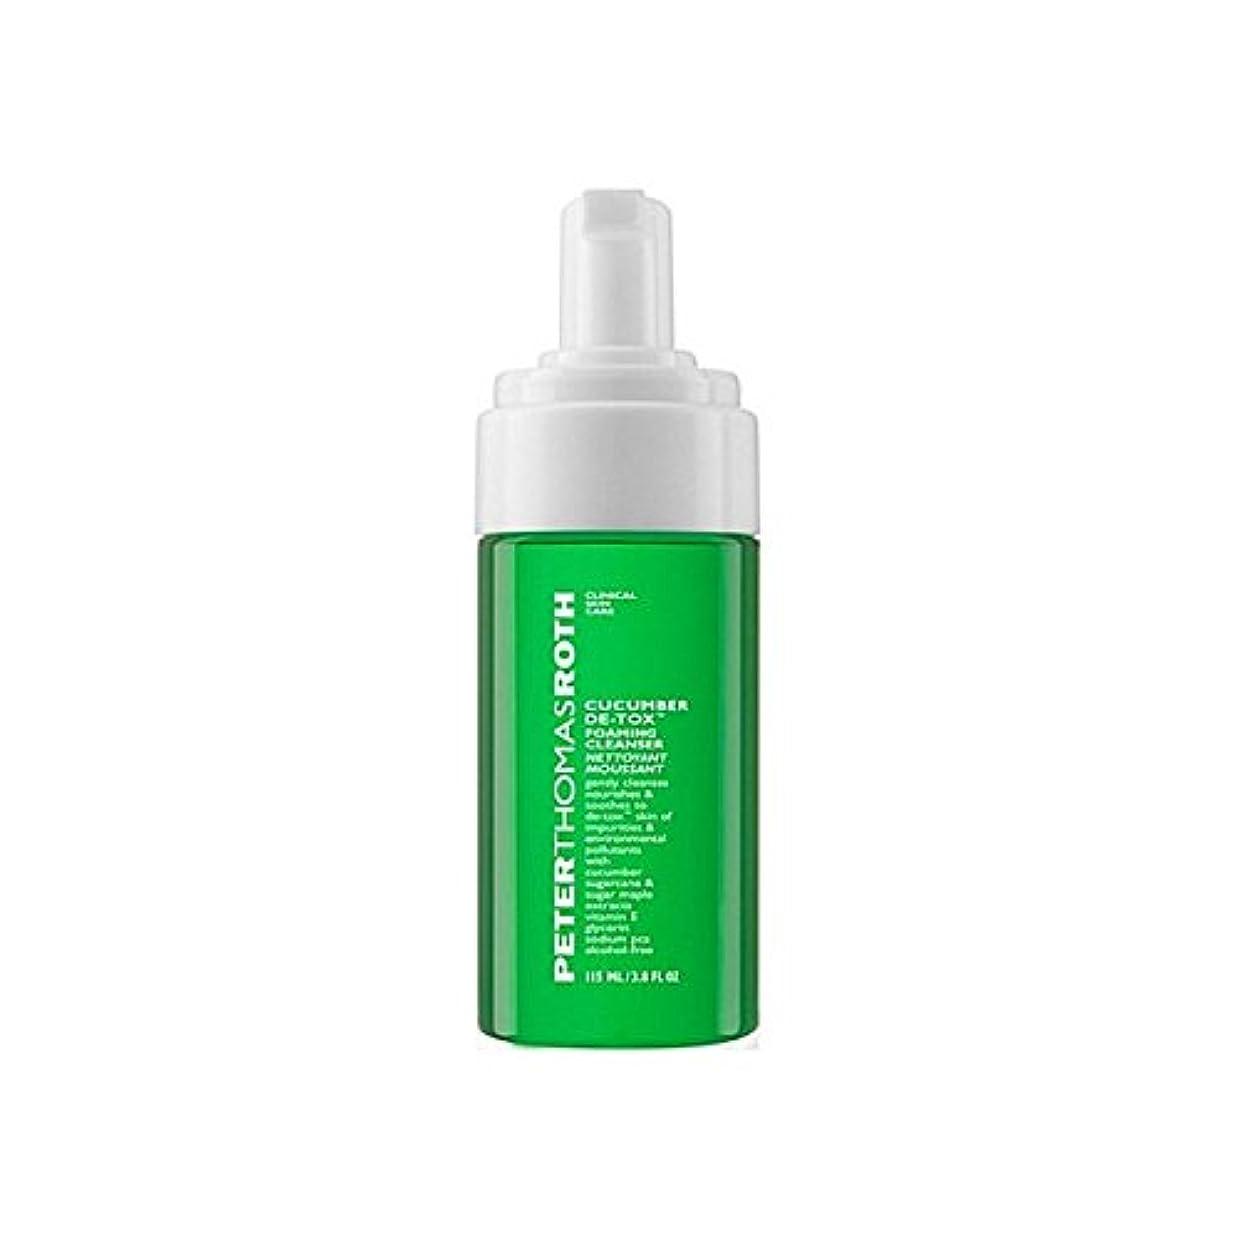 選ぶ栄光遠近法ピータートーマスロスキュウリデ発泡クレンザー x4 - Peter Thomas Roth Cucumber De-Tox Foaming Cleanser (Pack of 4) [並行輸入品]